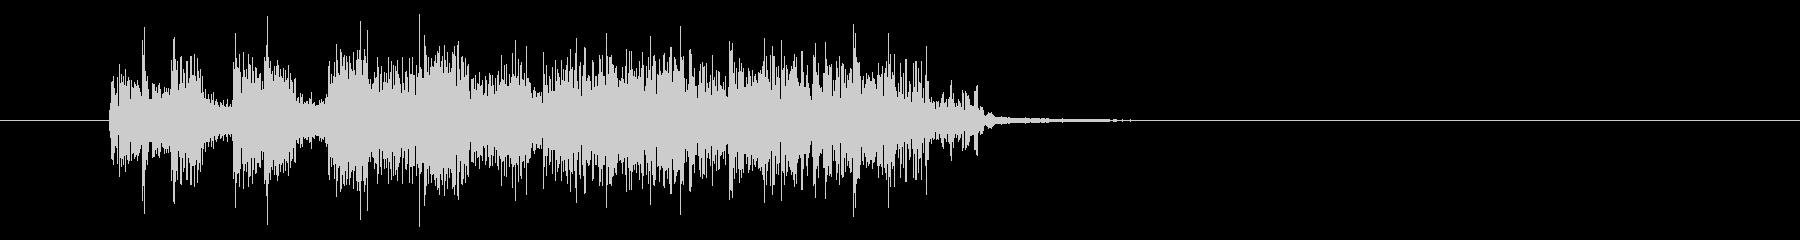 ジングル(キュー・アタック系)の未再生の波形